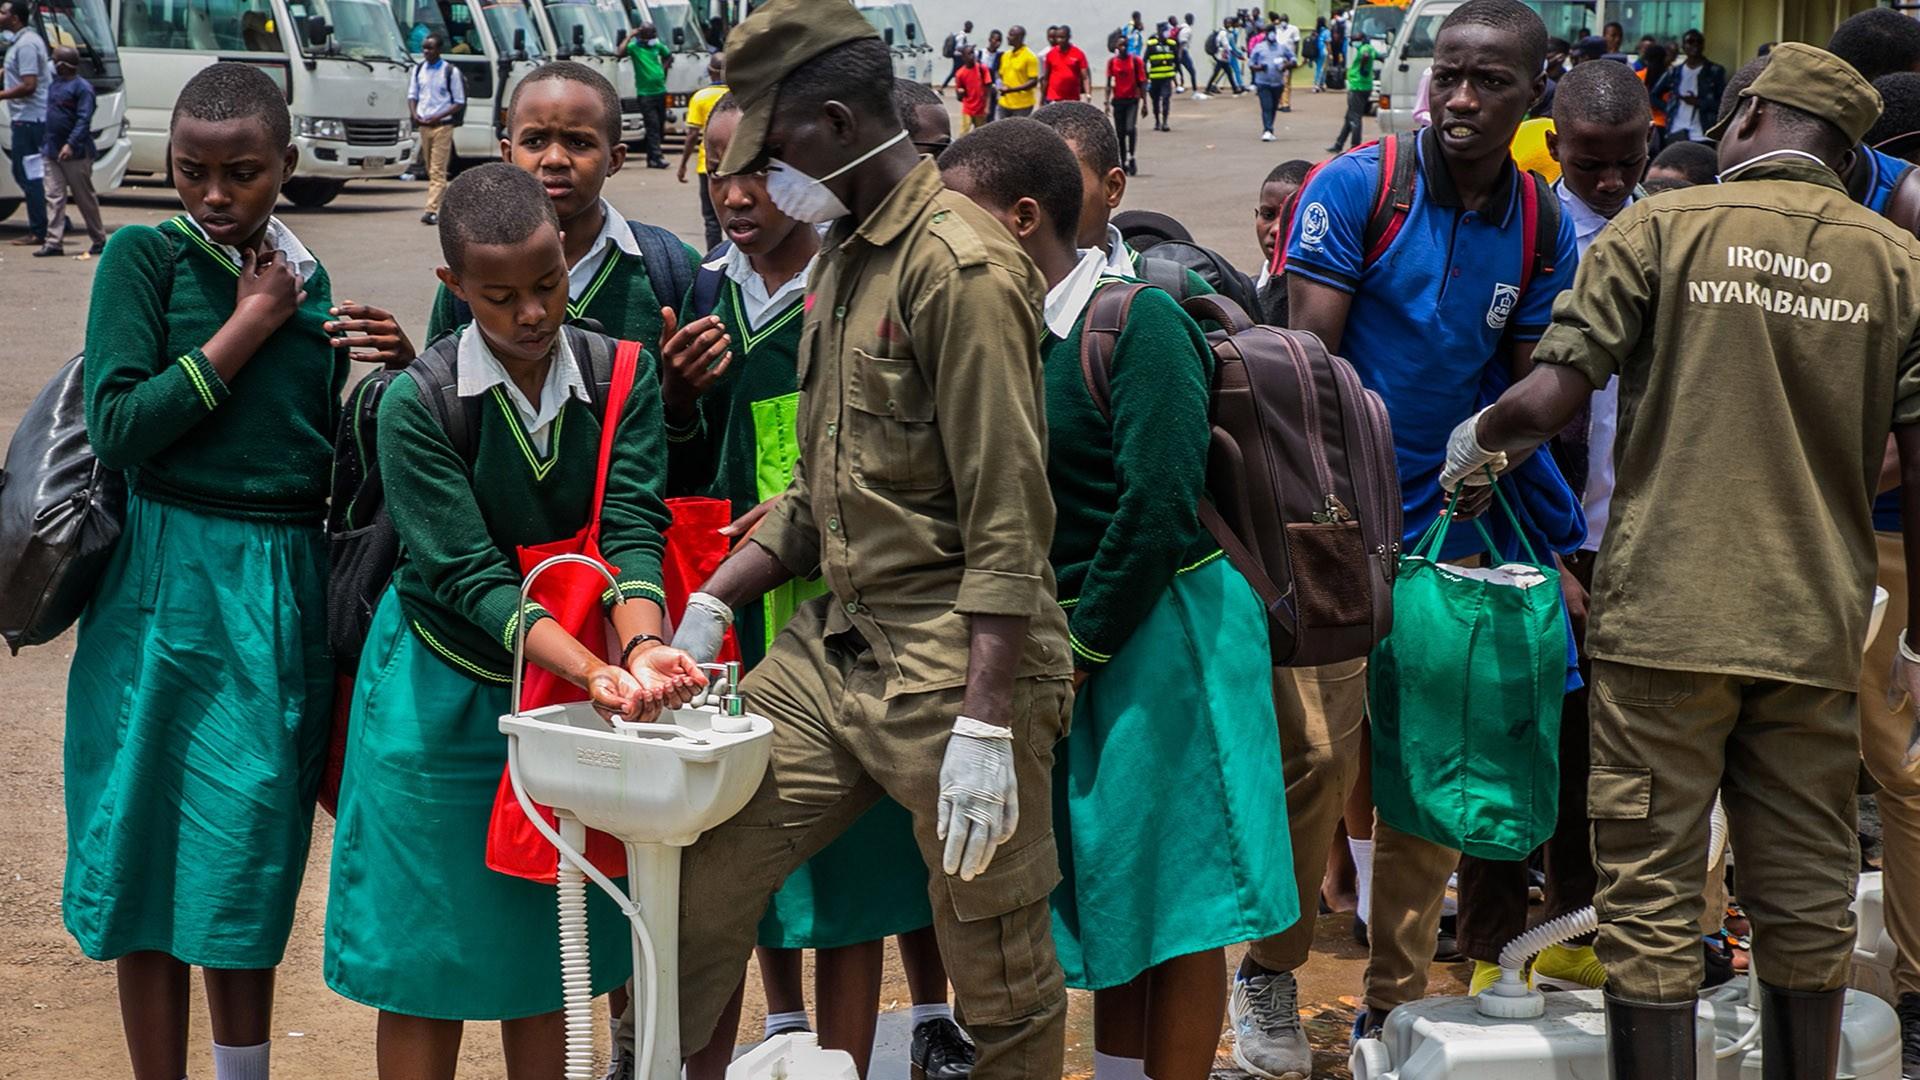 هل-تنجح-أفريقيا-في-التصدي-لوباء-كورونا